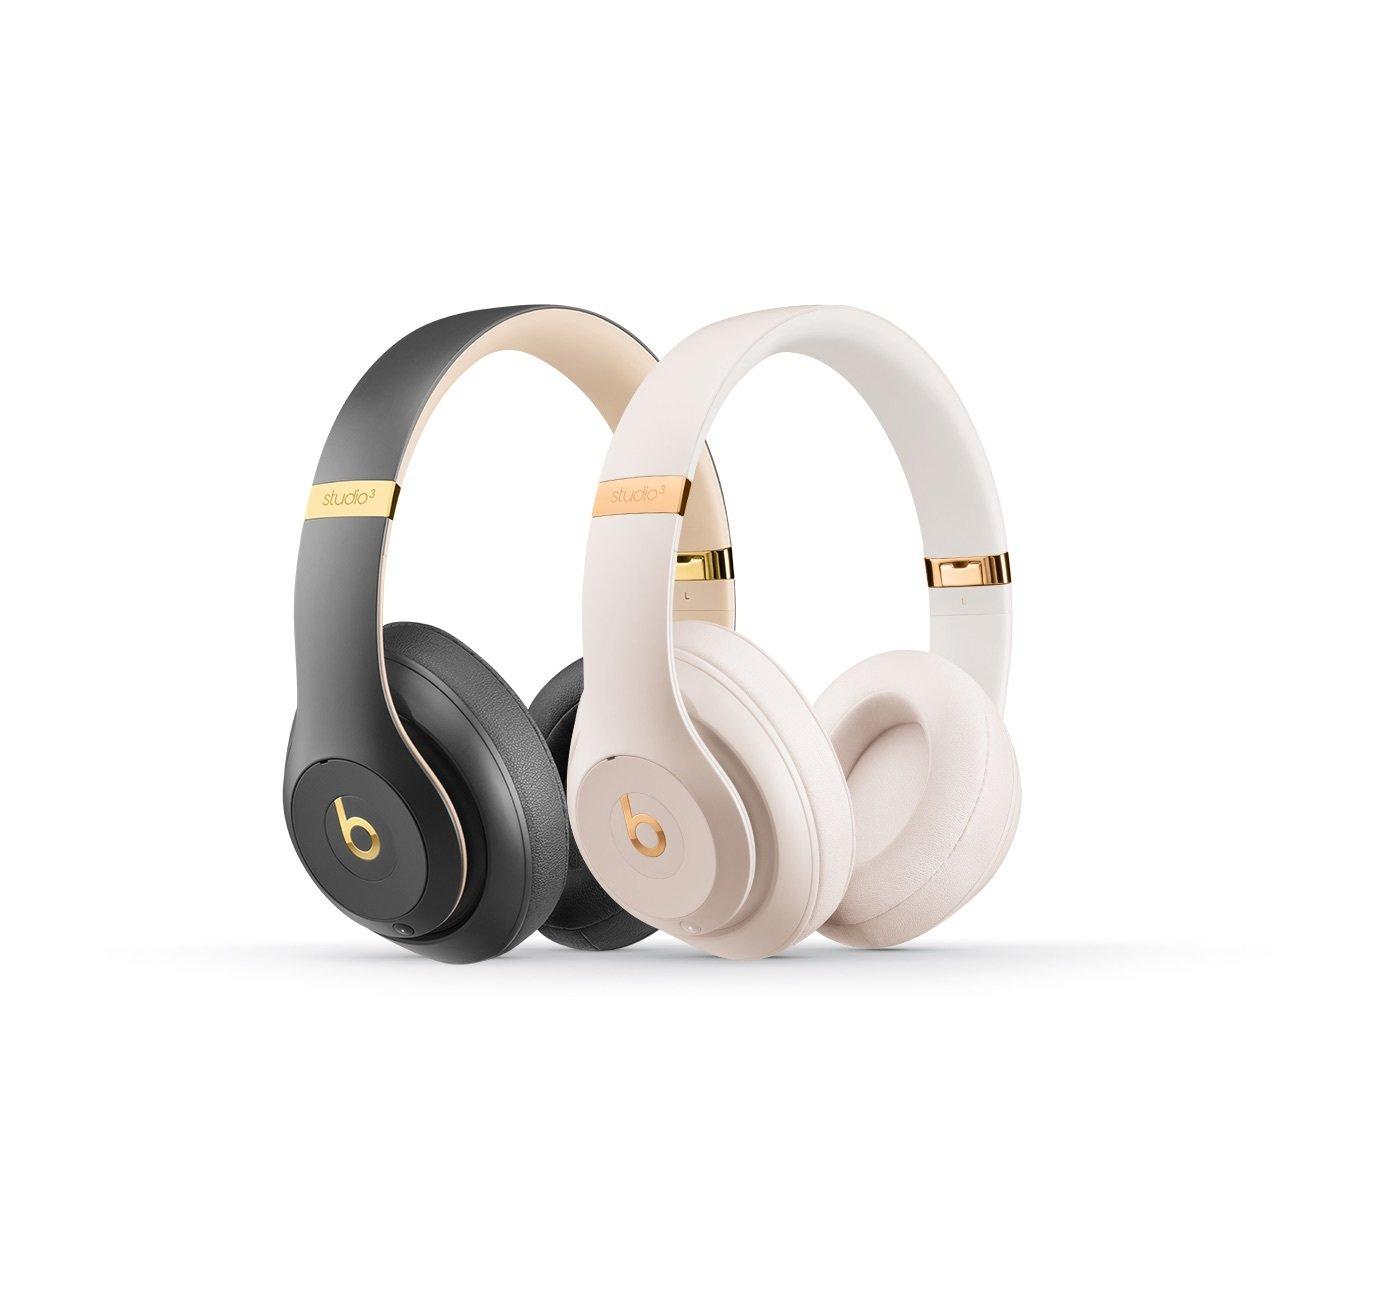 与Bose竞争?苹果发布新版无线降噪耳机beats